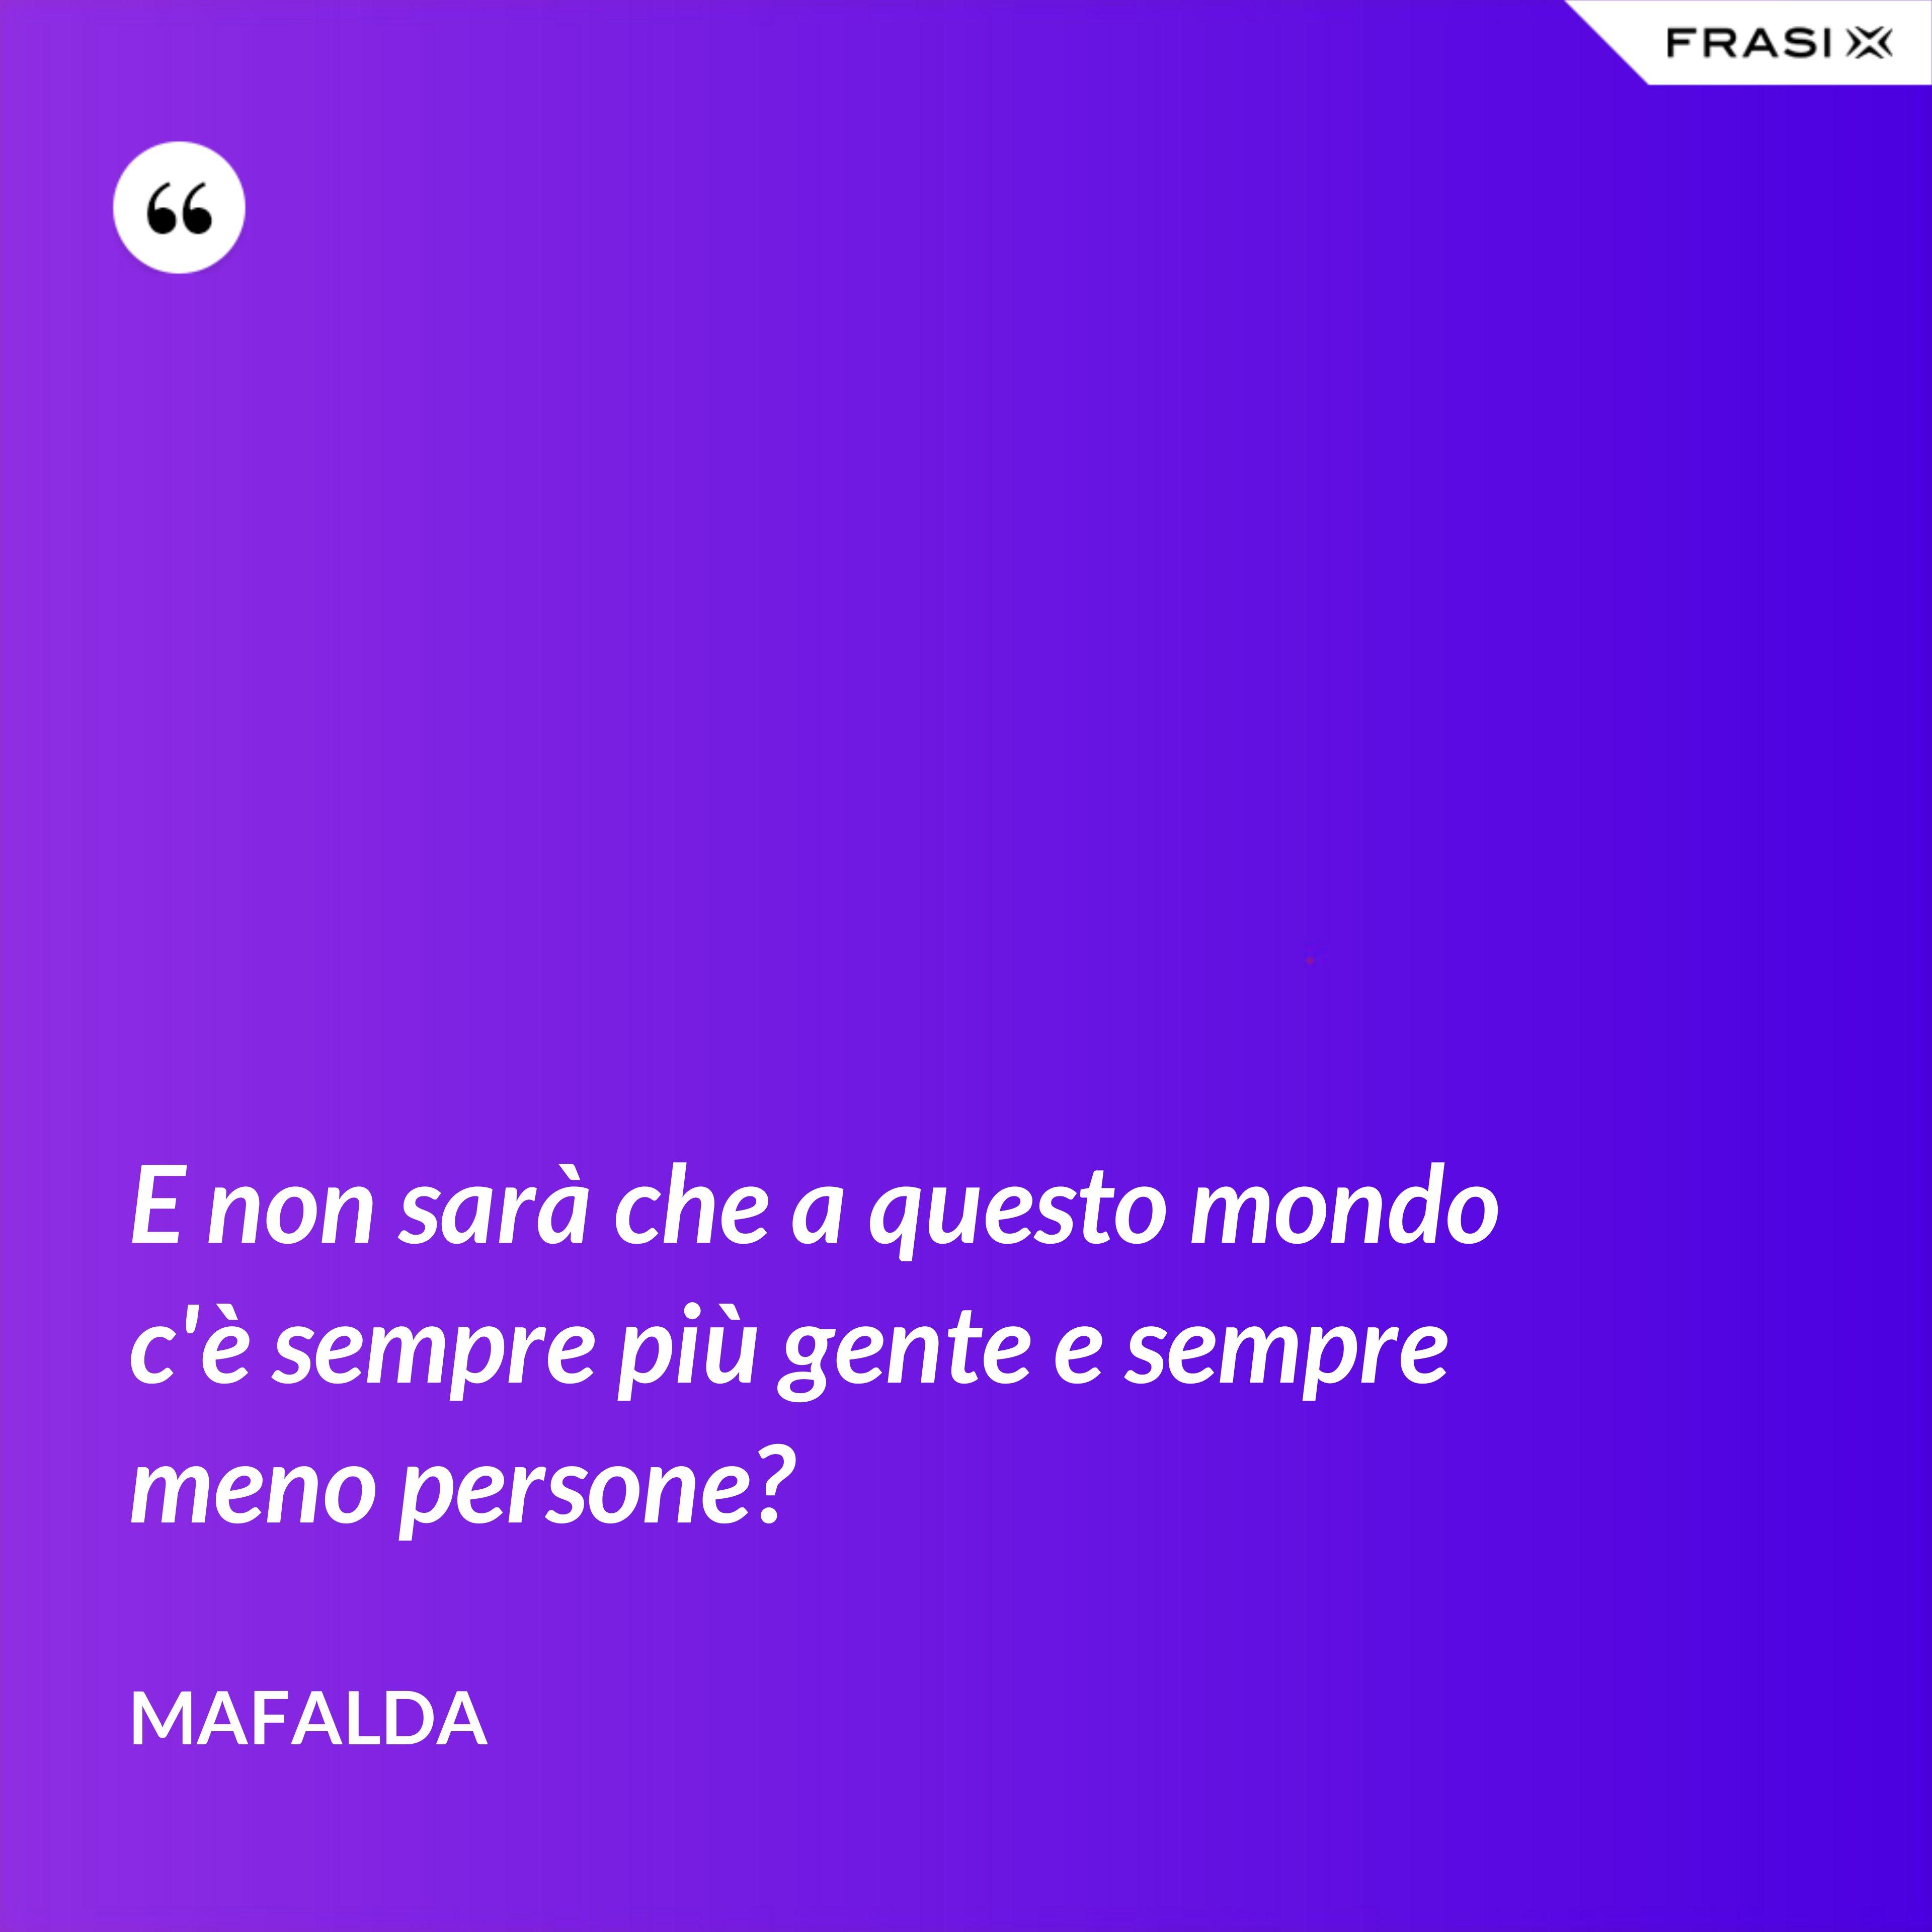 E non sarà che a questo mondo c'è sempre più gente e sempre meno persone? - Mafalda